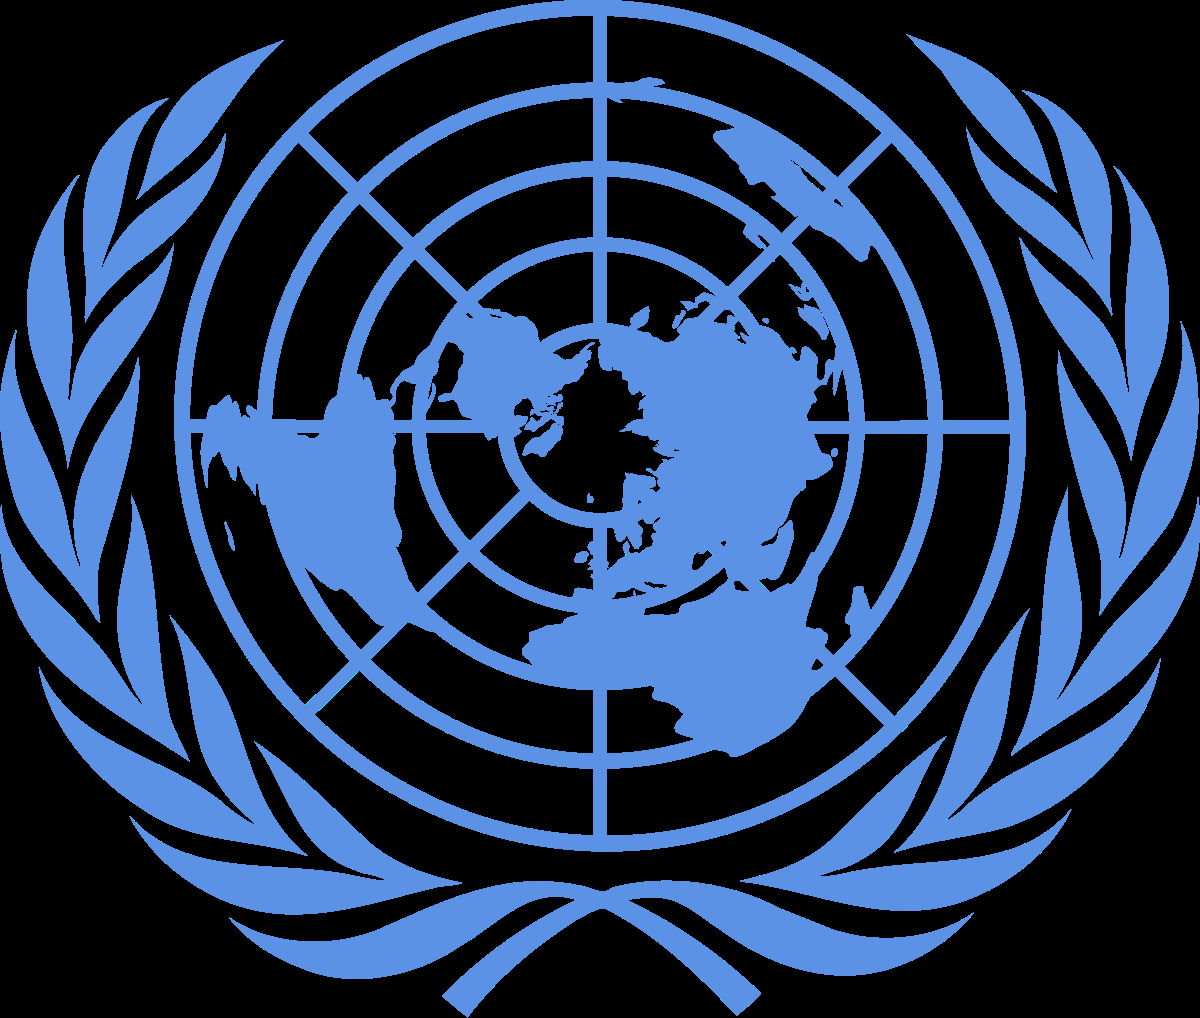 国際的な組織犯罪の防止に関する国際連合条約 - Wikipedia